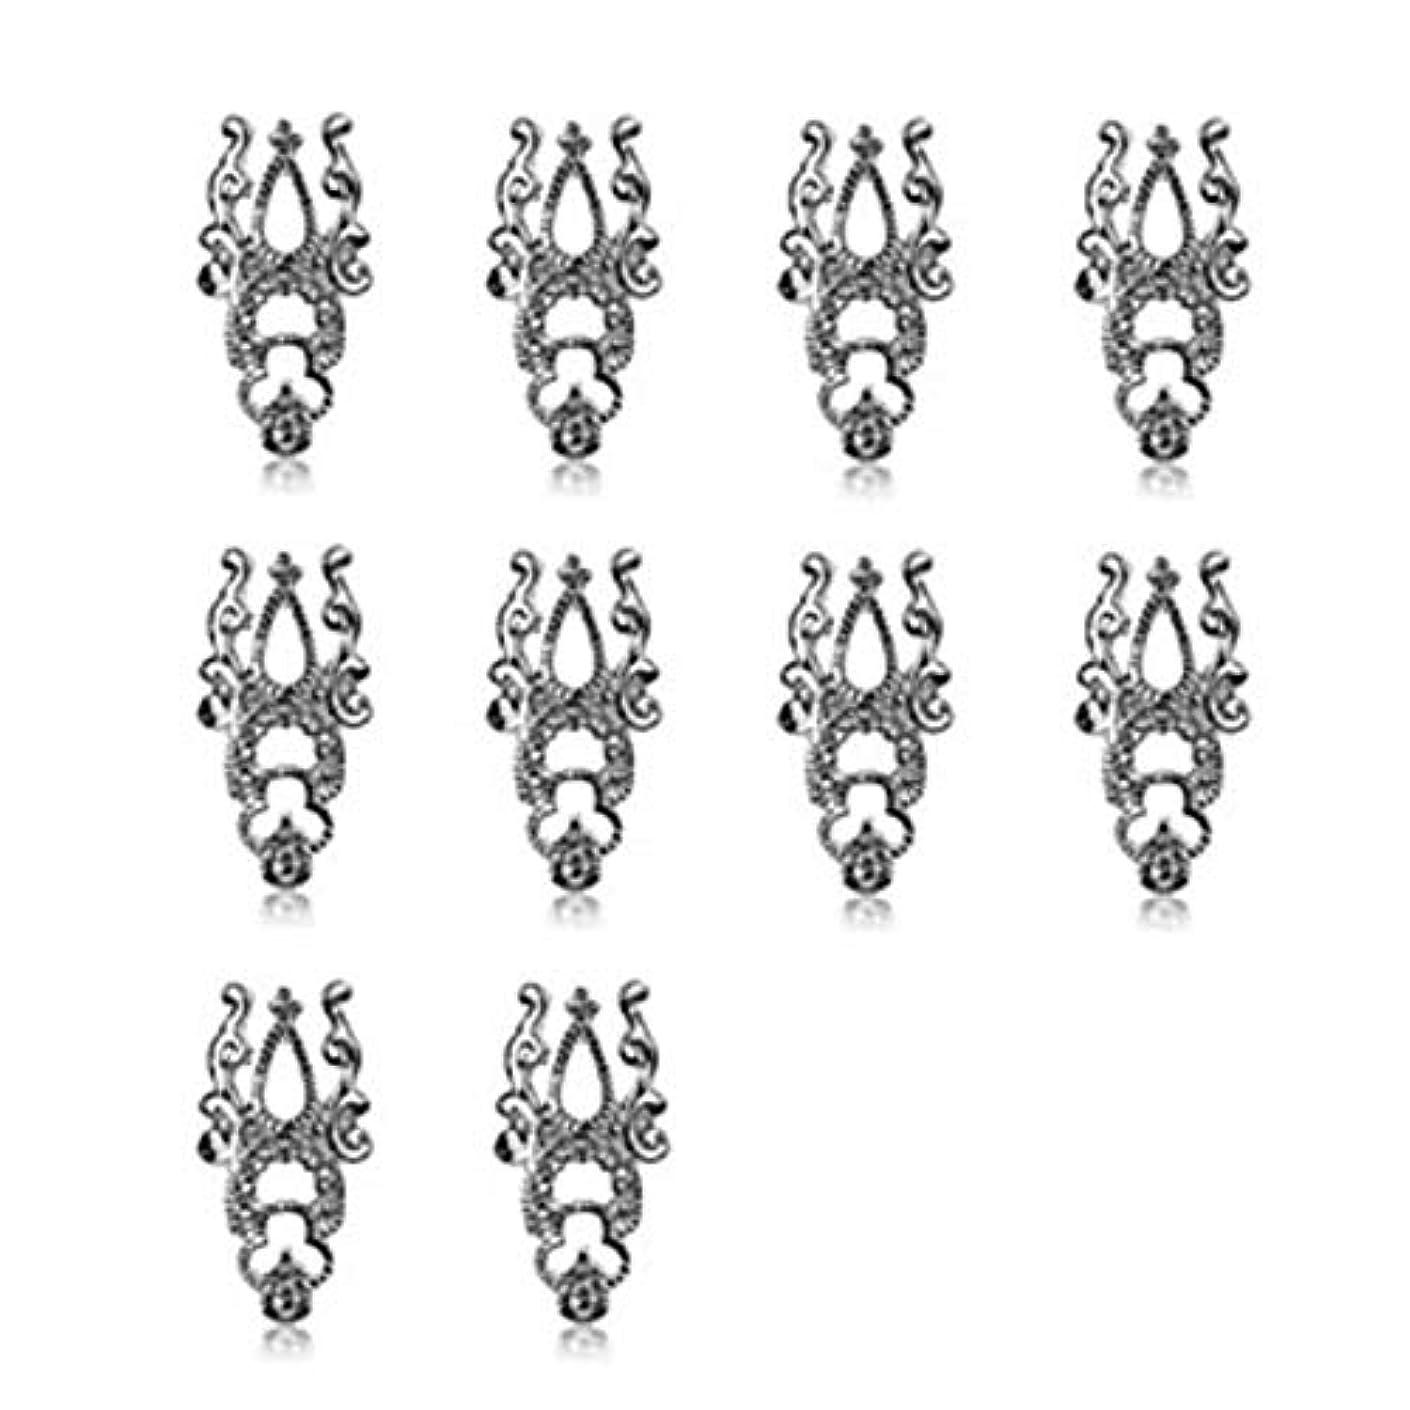 減衰リード教10ピース3d中空ネイルアート合金のヒント装飾ジュエリーキラキララインストーン,Silver